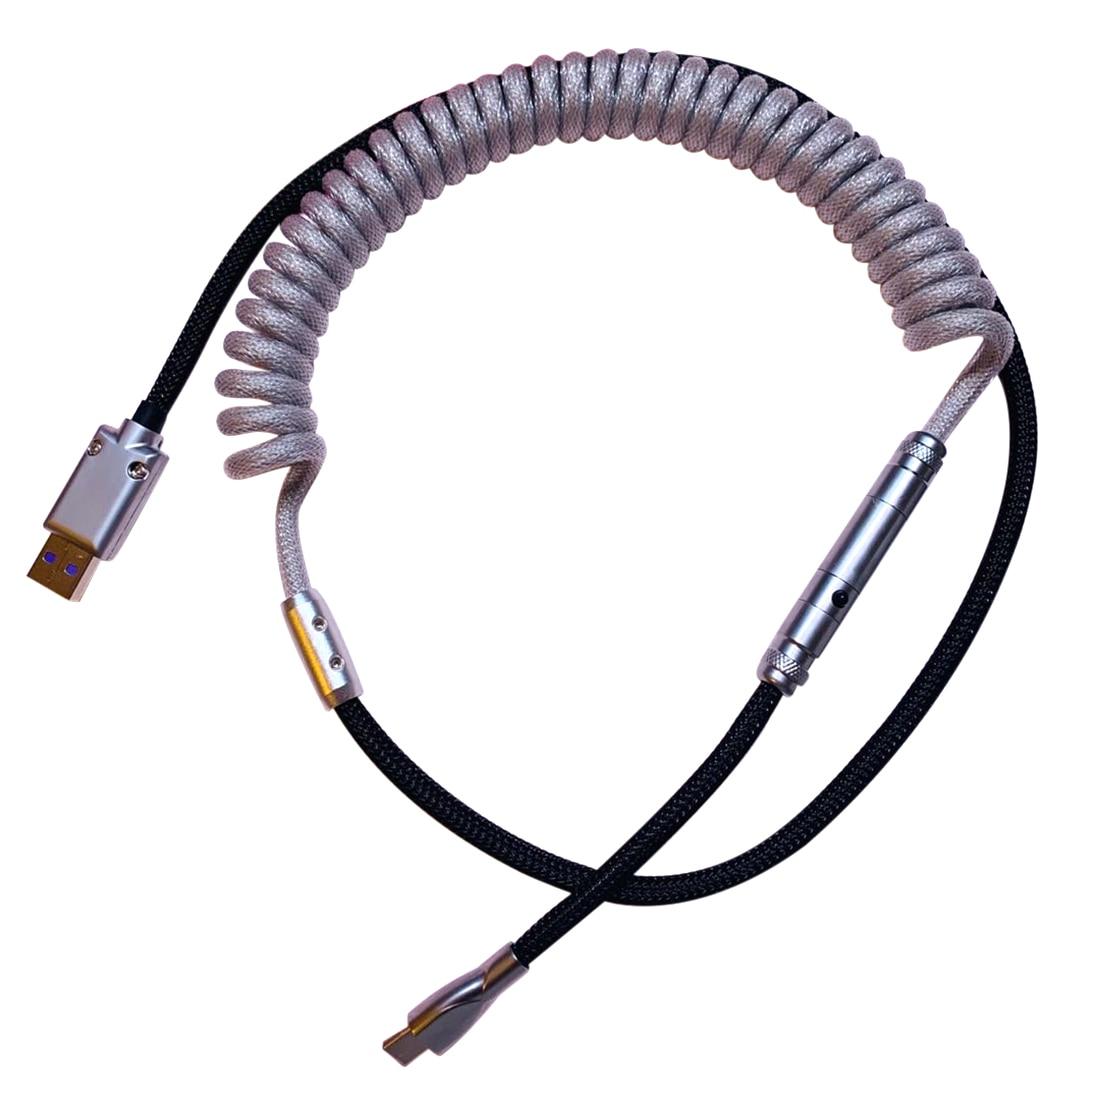 Cable USB tipo C personalizado, hecho a mano, con conector XRL para...